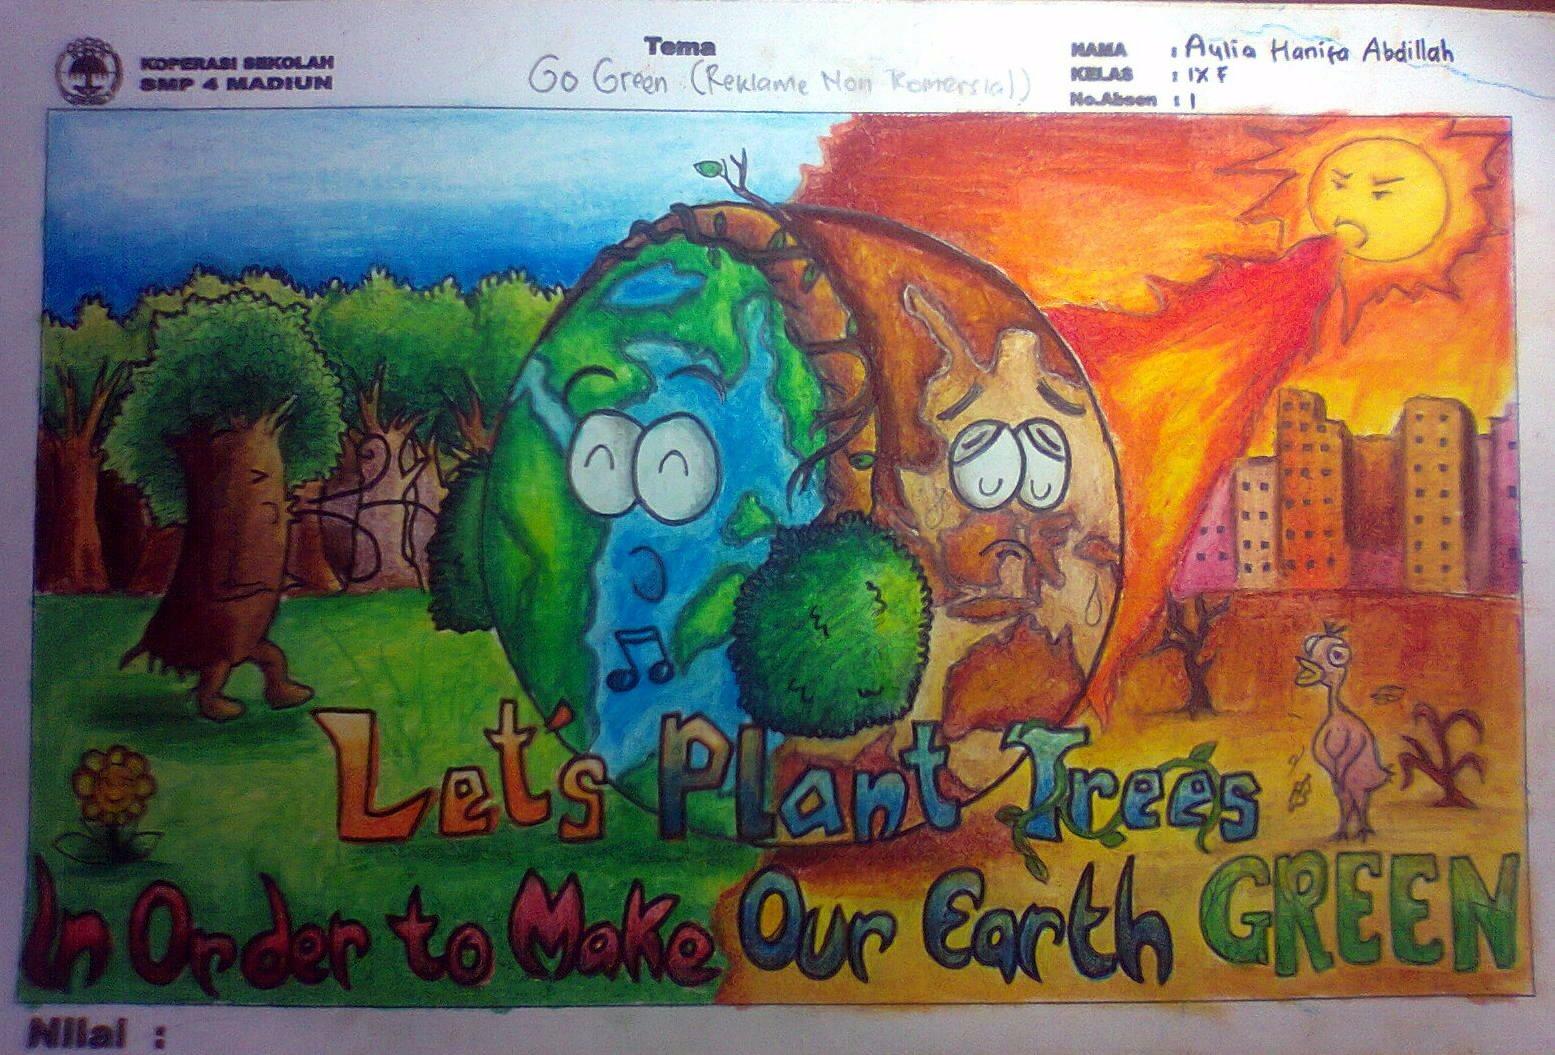 Poster Go Green Reklame Non Komersial D Aulia Hanifa